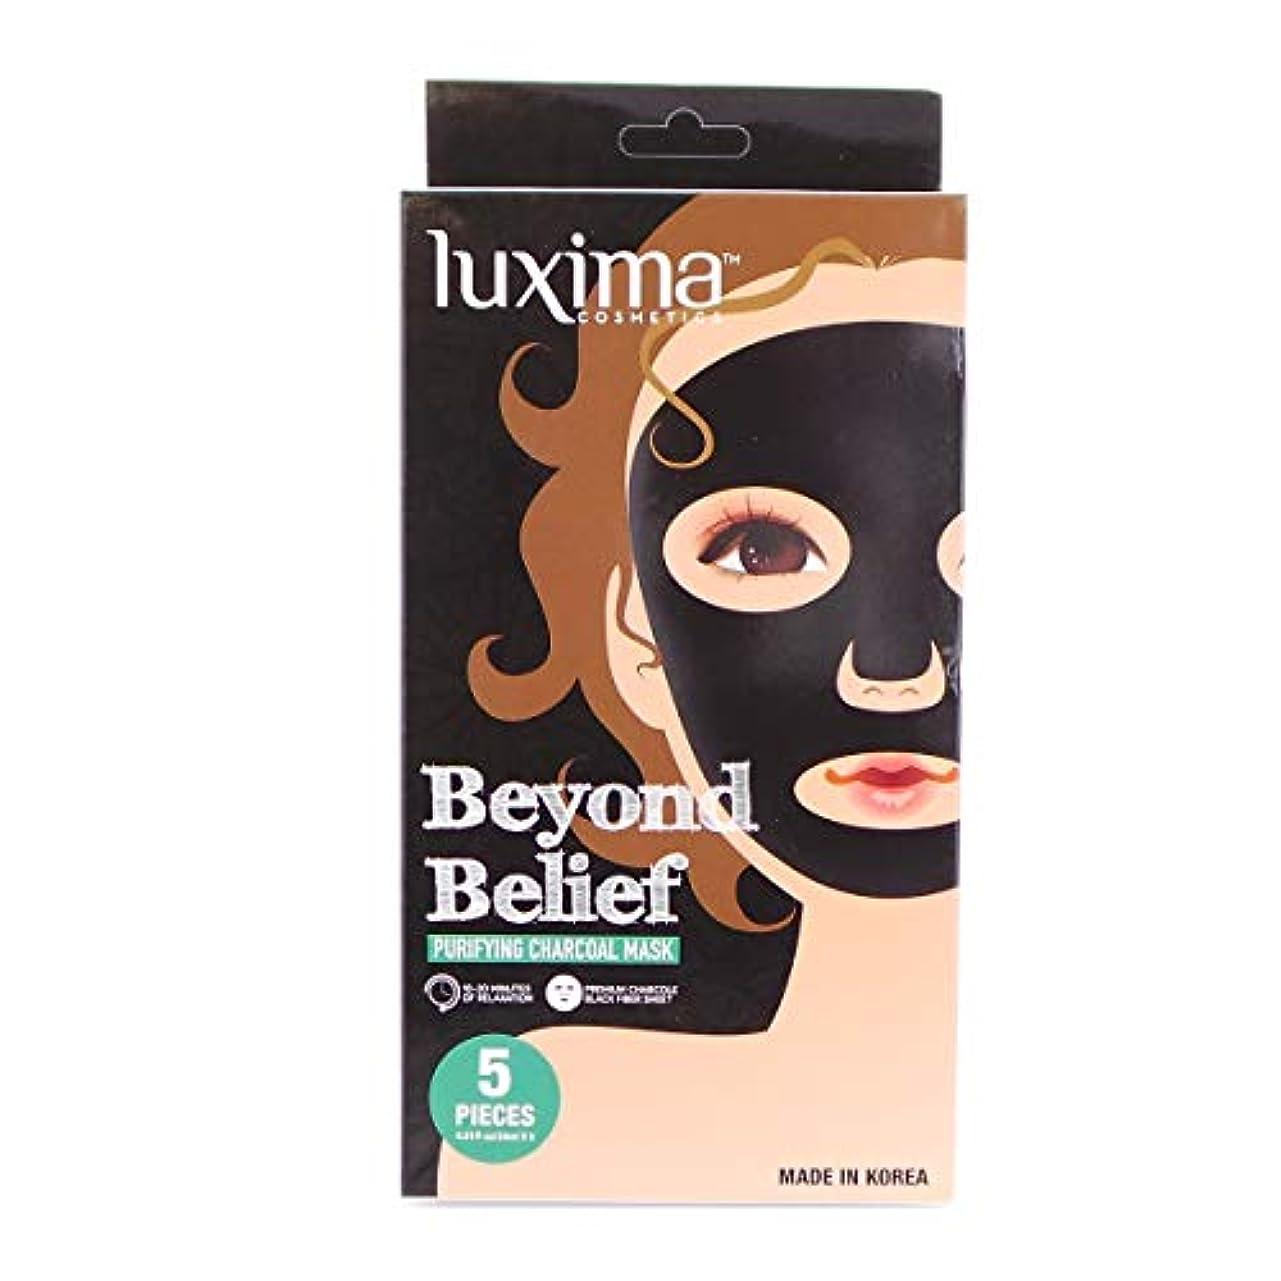 言語学電気のまどろみのある(6 Pack) LUXIMA Beyond Belief Purifying Charcoal Mask, Pack of 5 (並行輸入品)